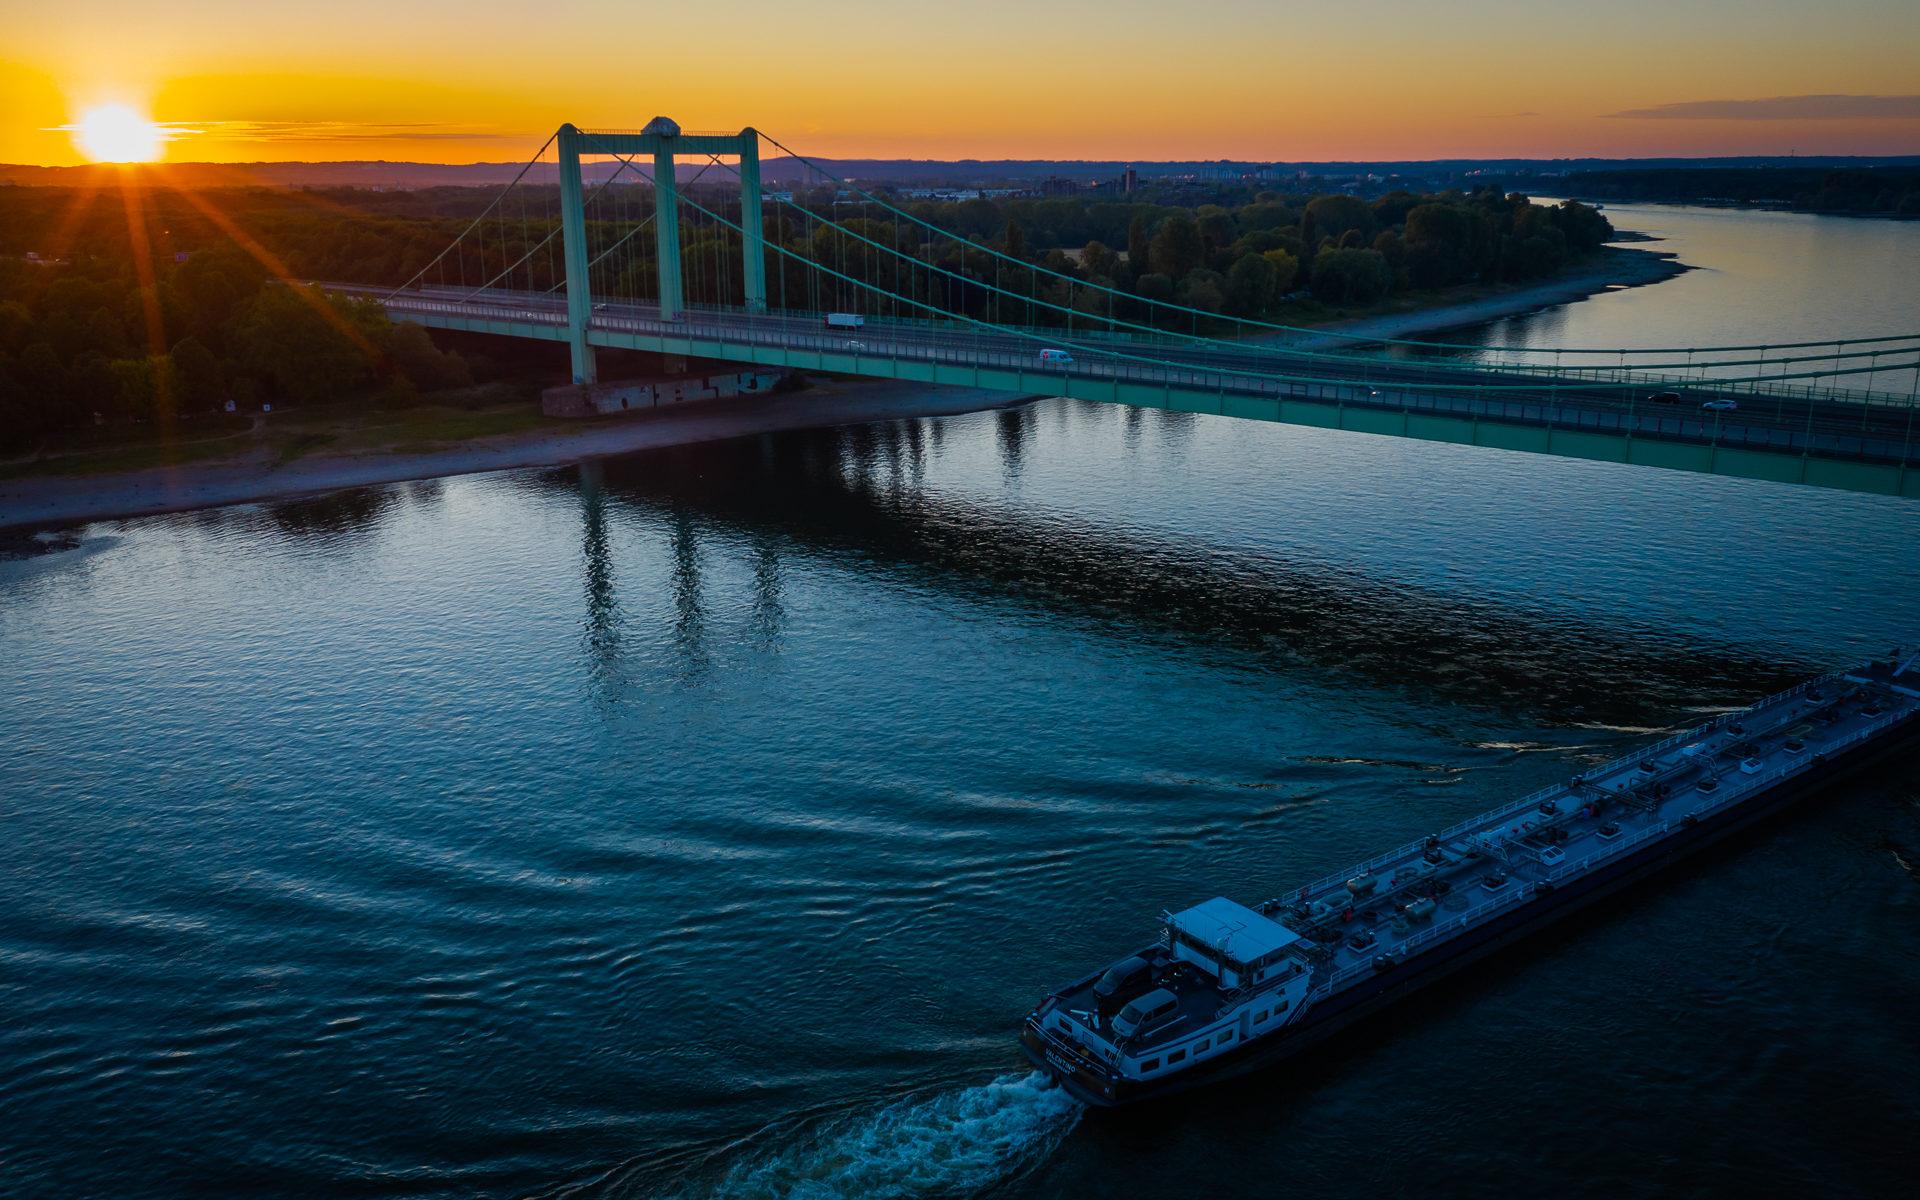 Rodenkirchener Brücke bei Sonnenaufgang